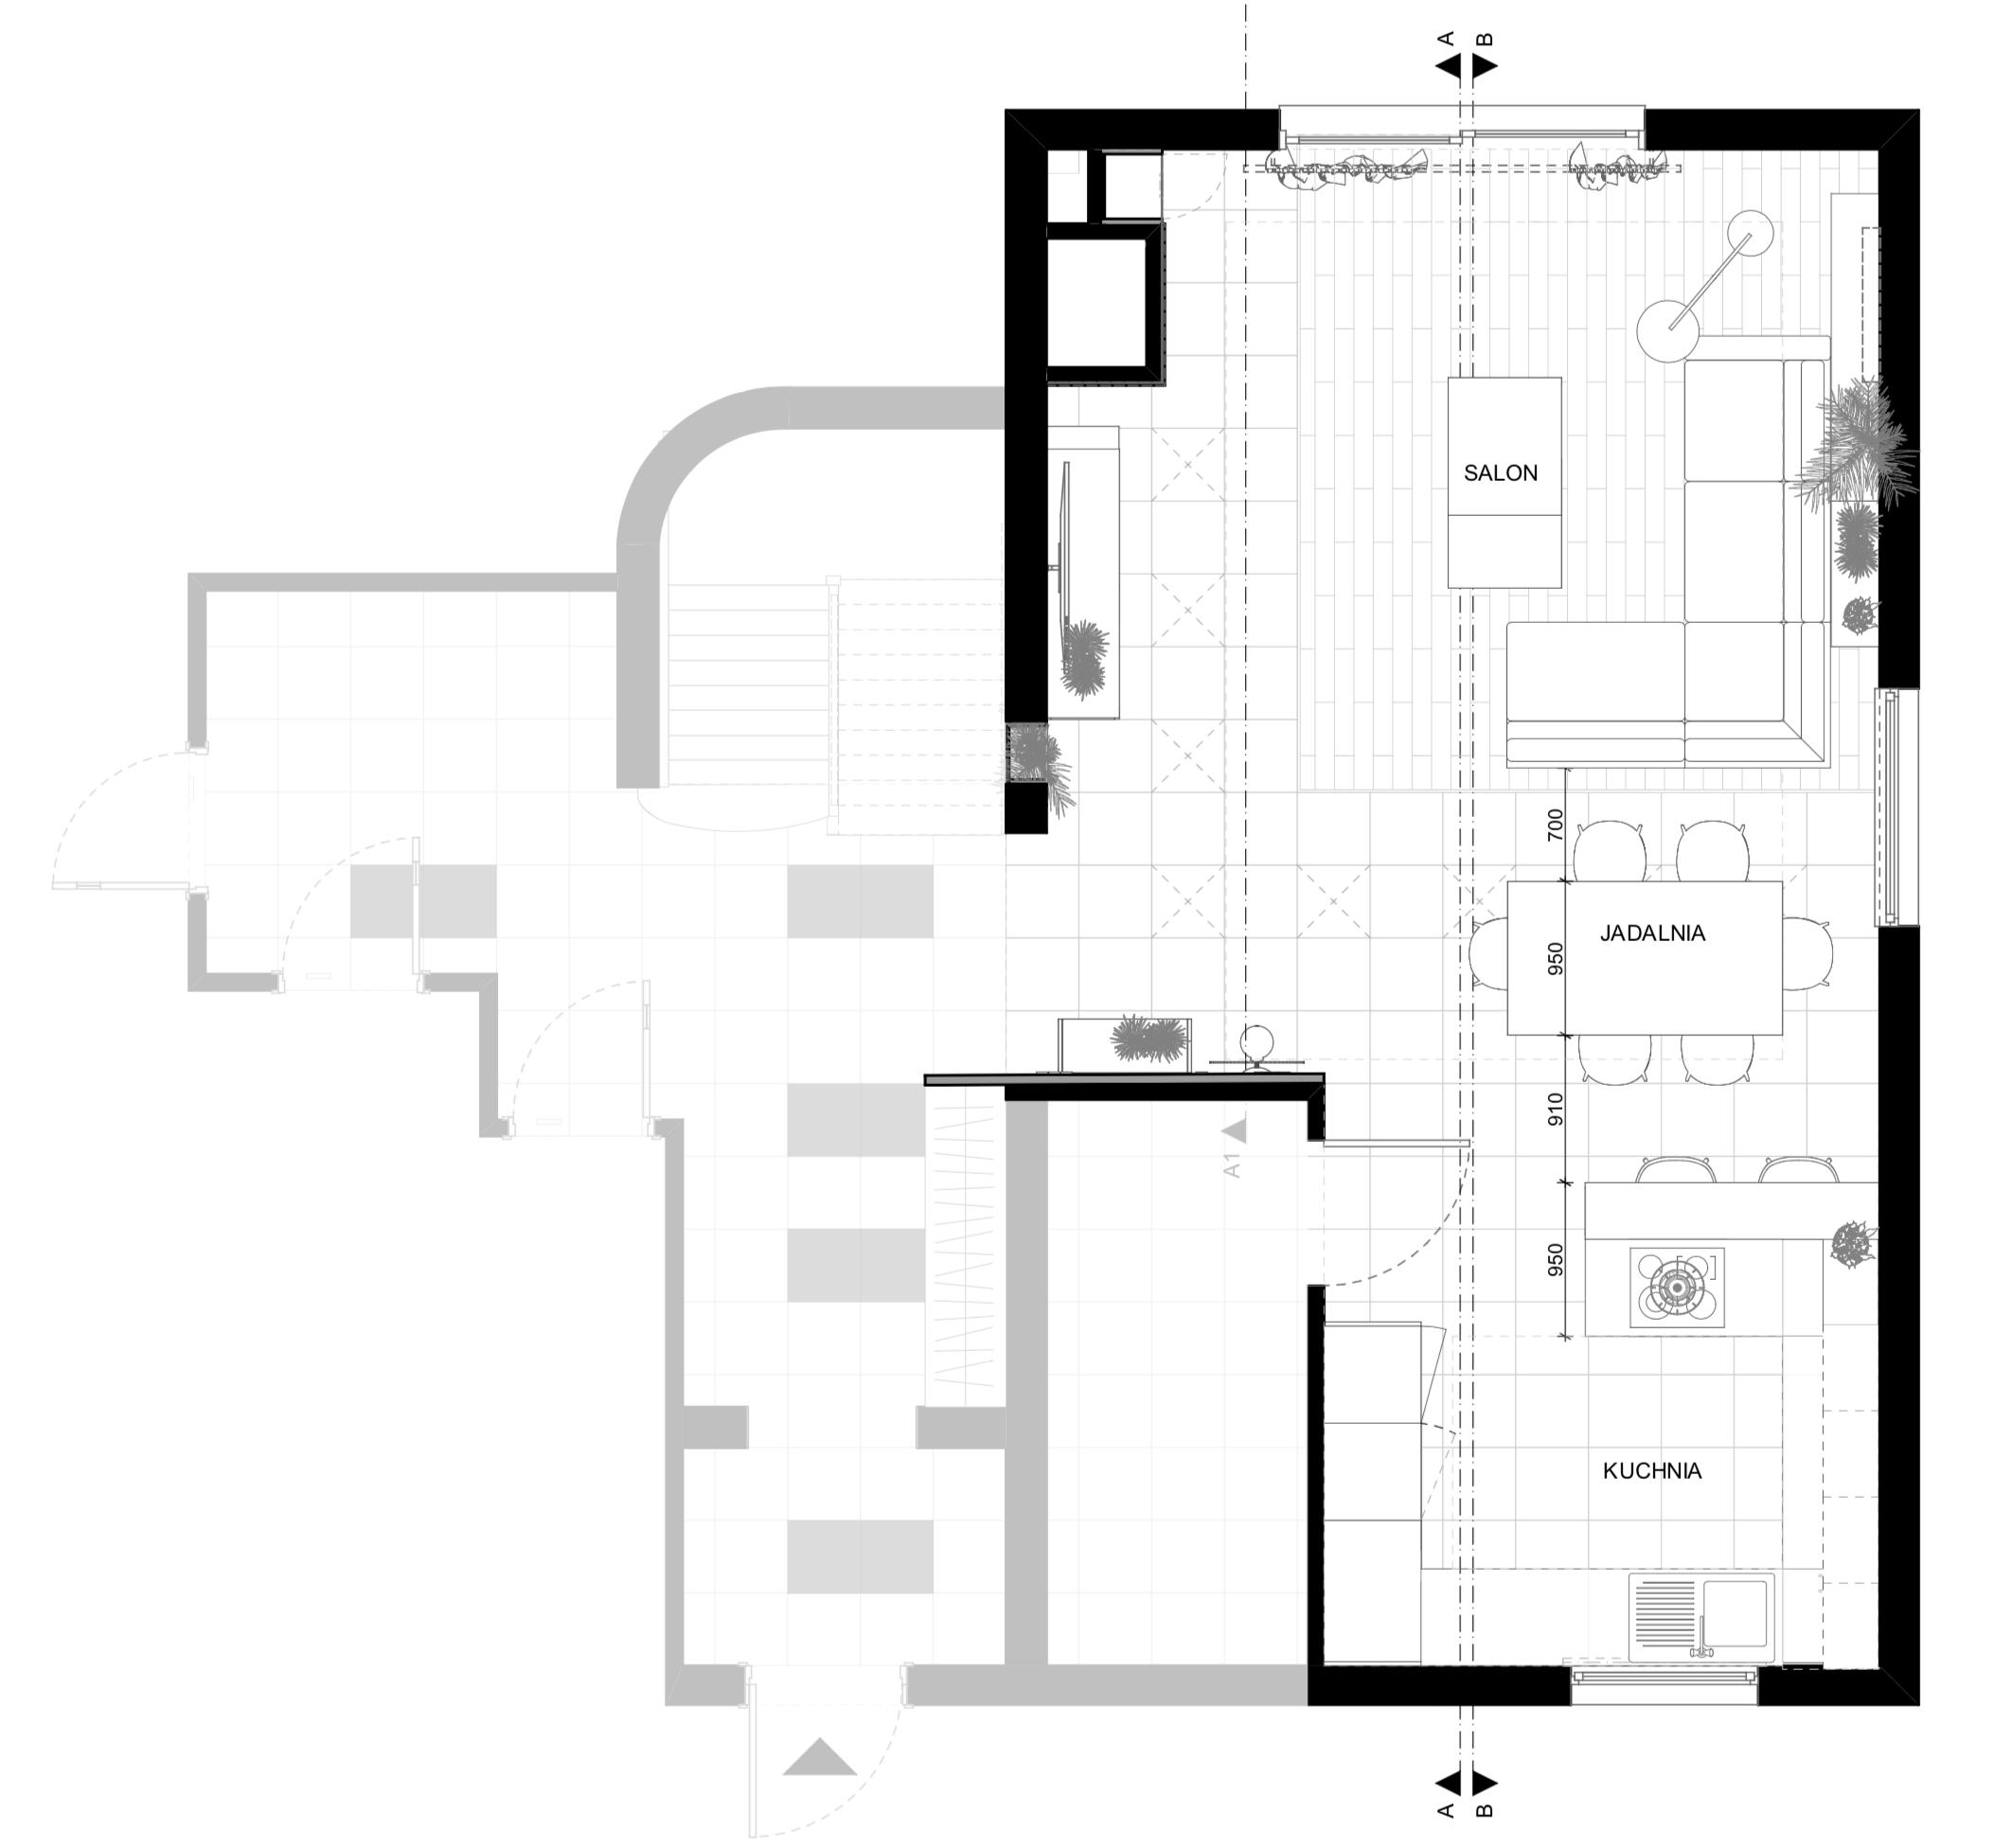 Kuchnia otwarta na salon w domu jednorodzinnym